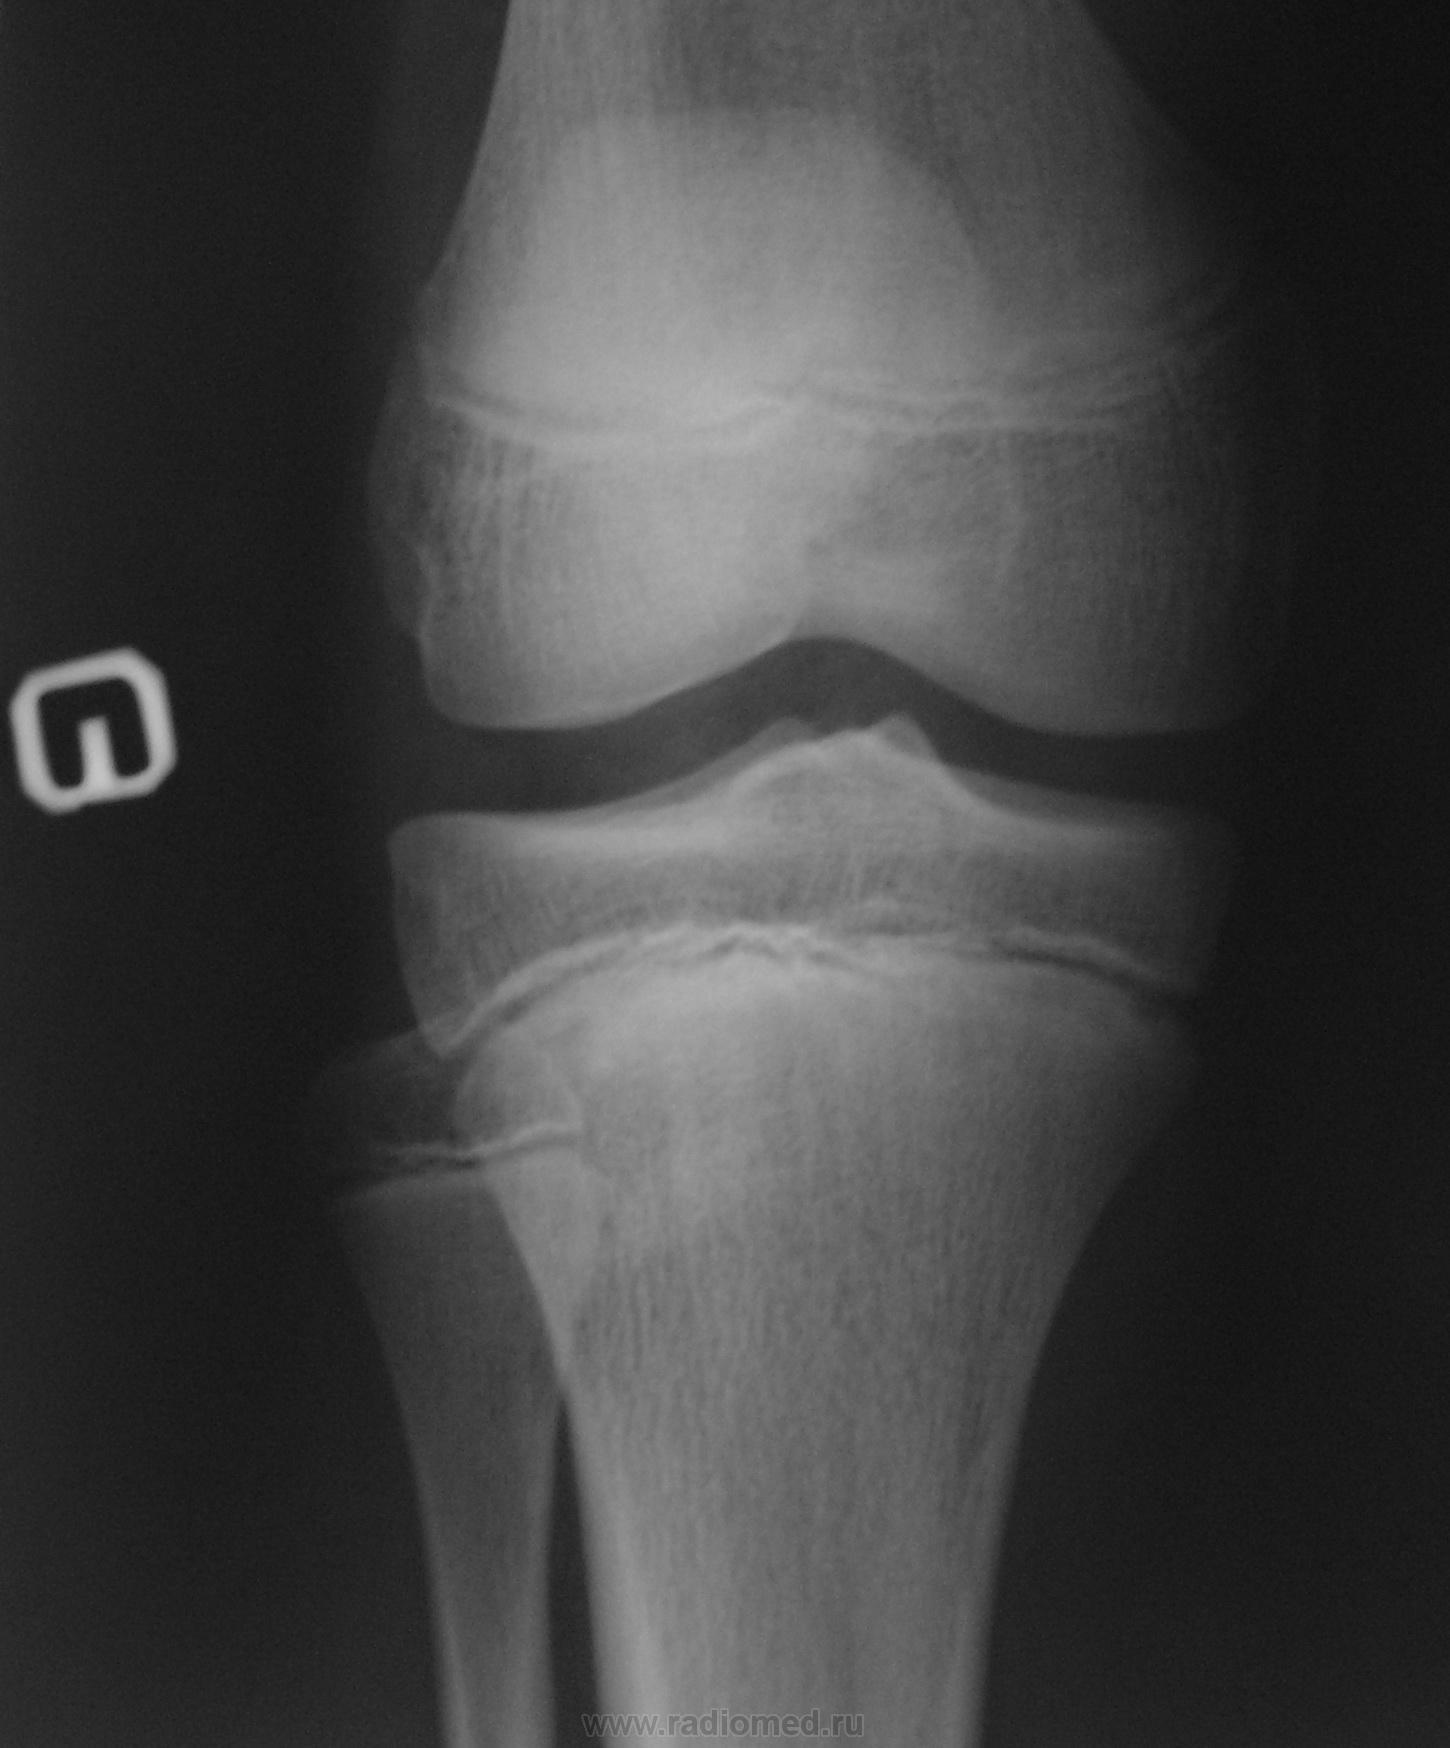 Коленный сустав ребенка мышечные боли в локтевом суставе